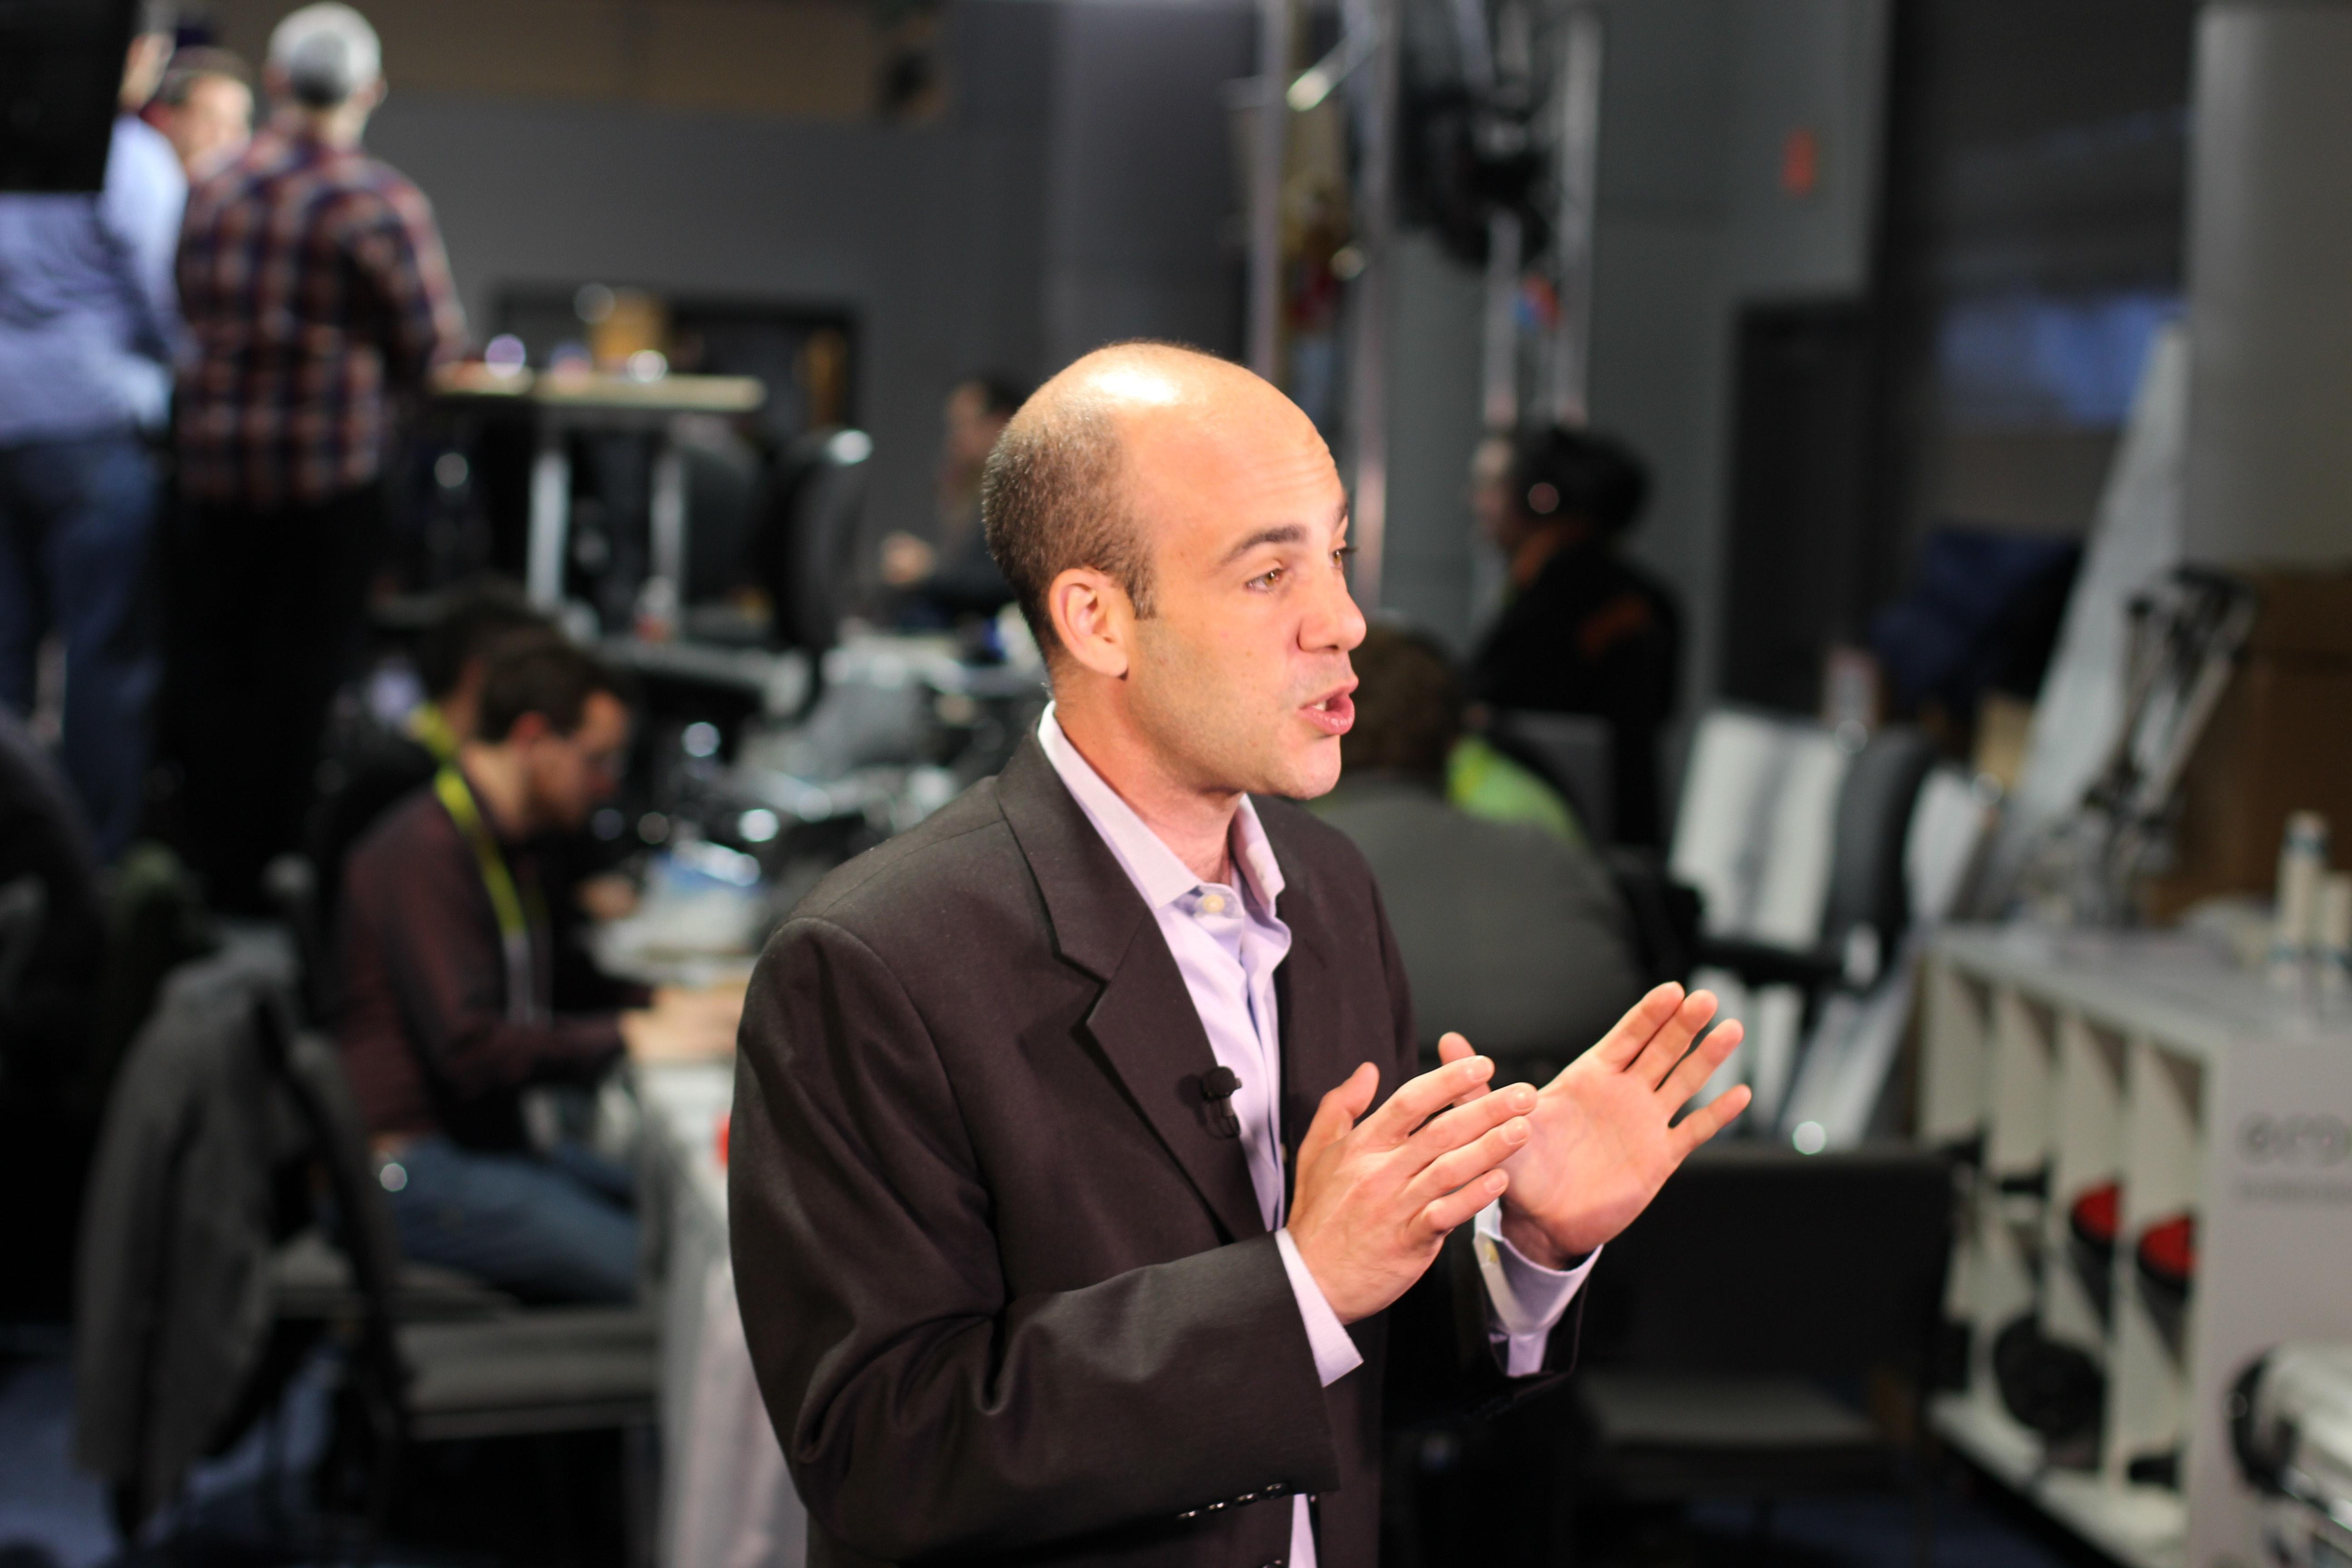 maestría-en-comunicacion-social-y-periodismo-que-esperar